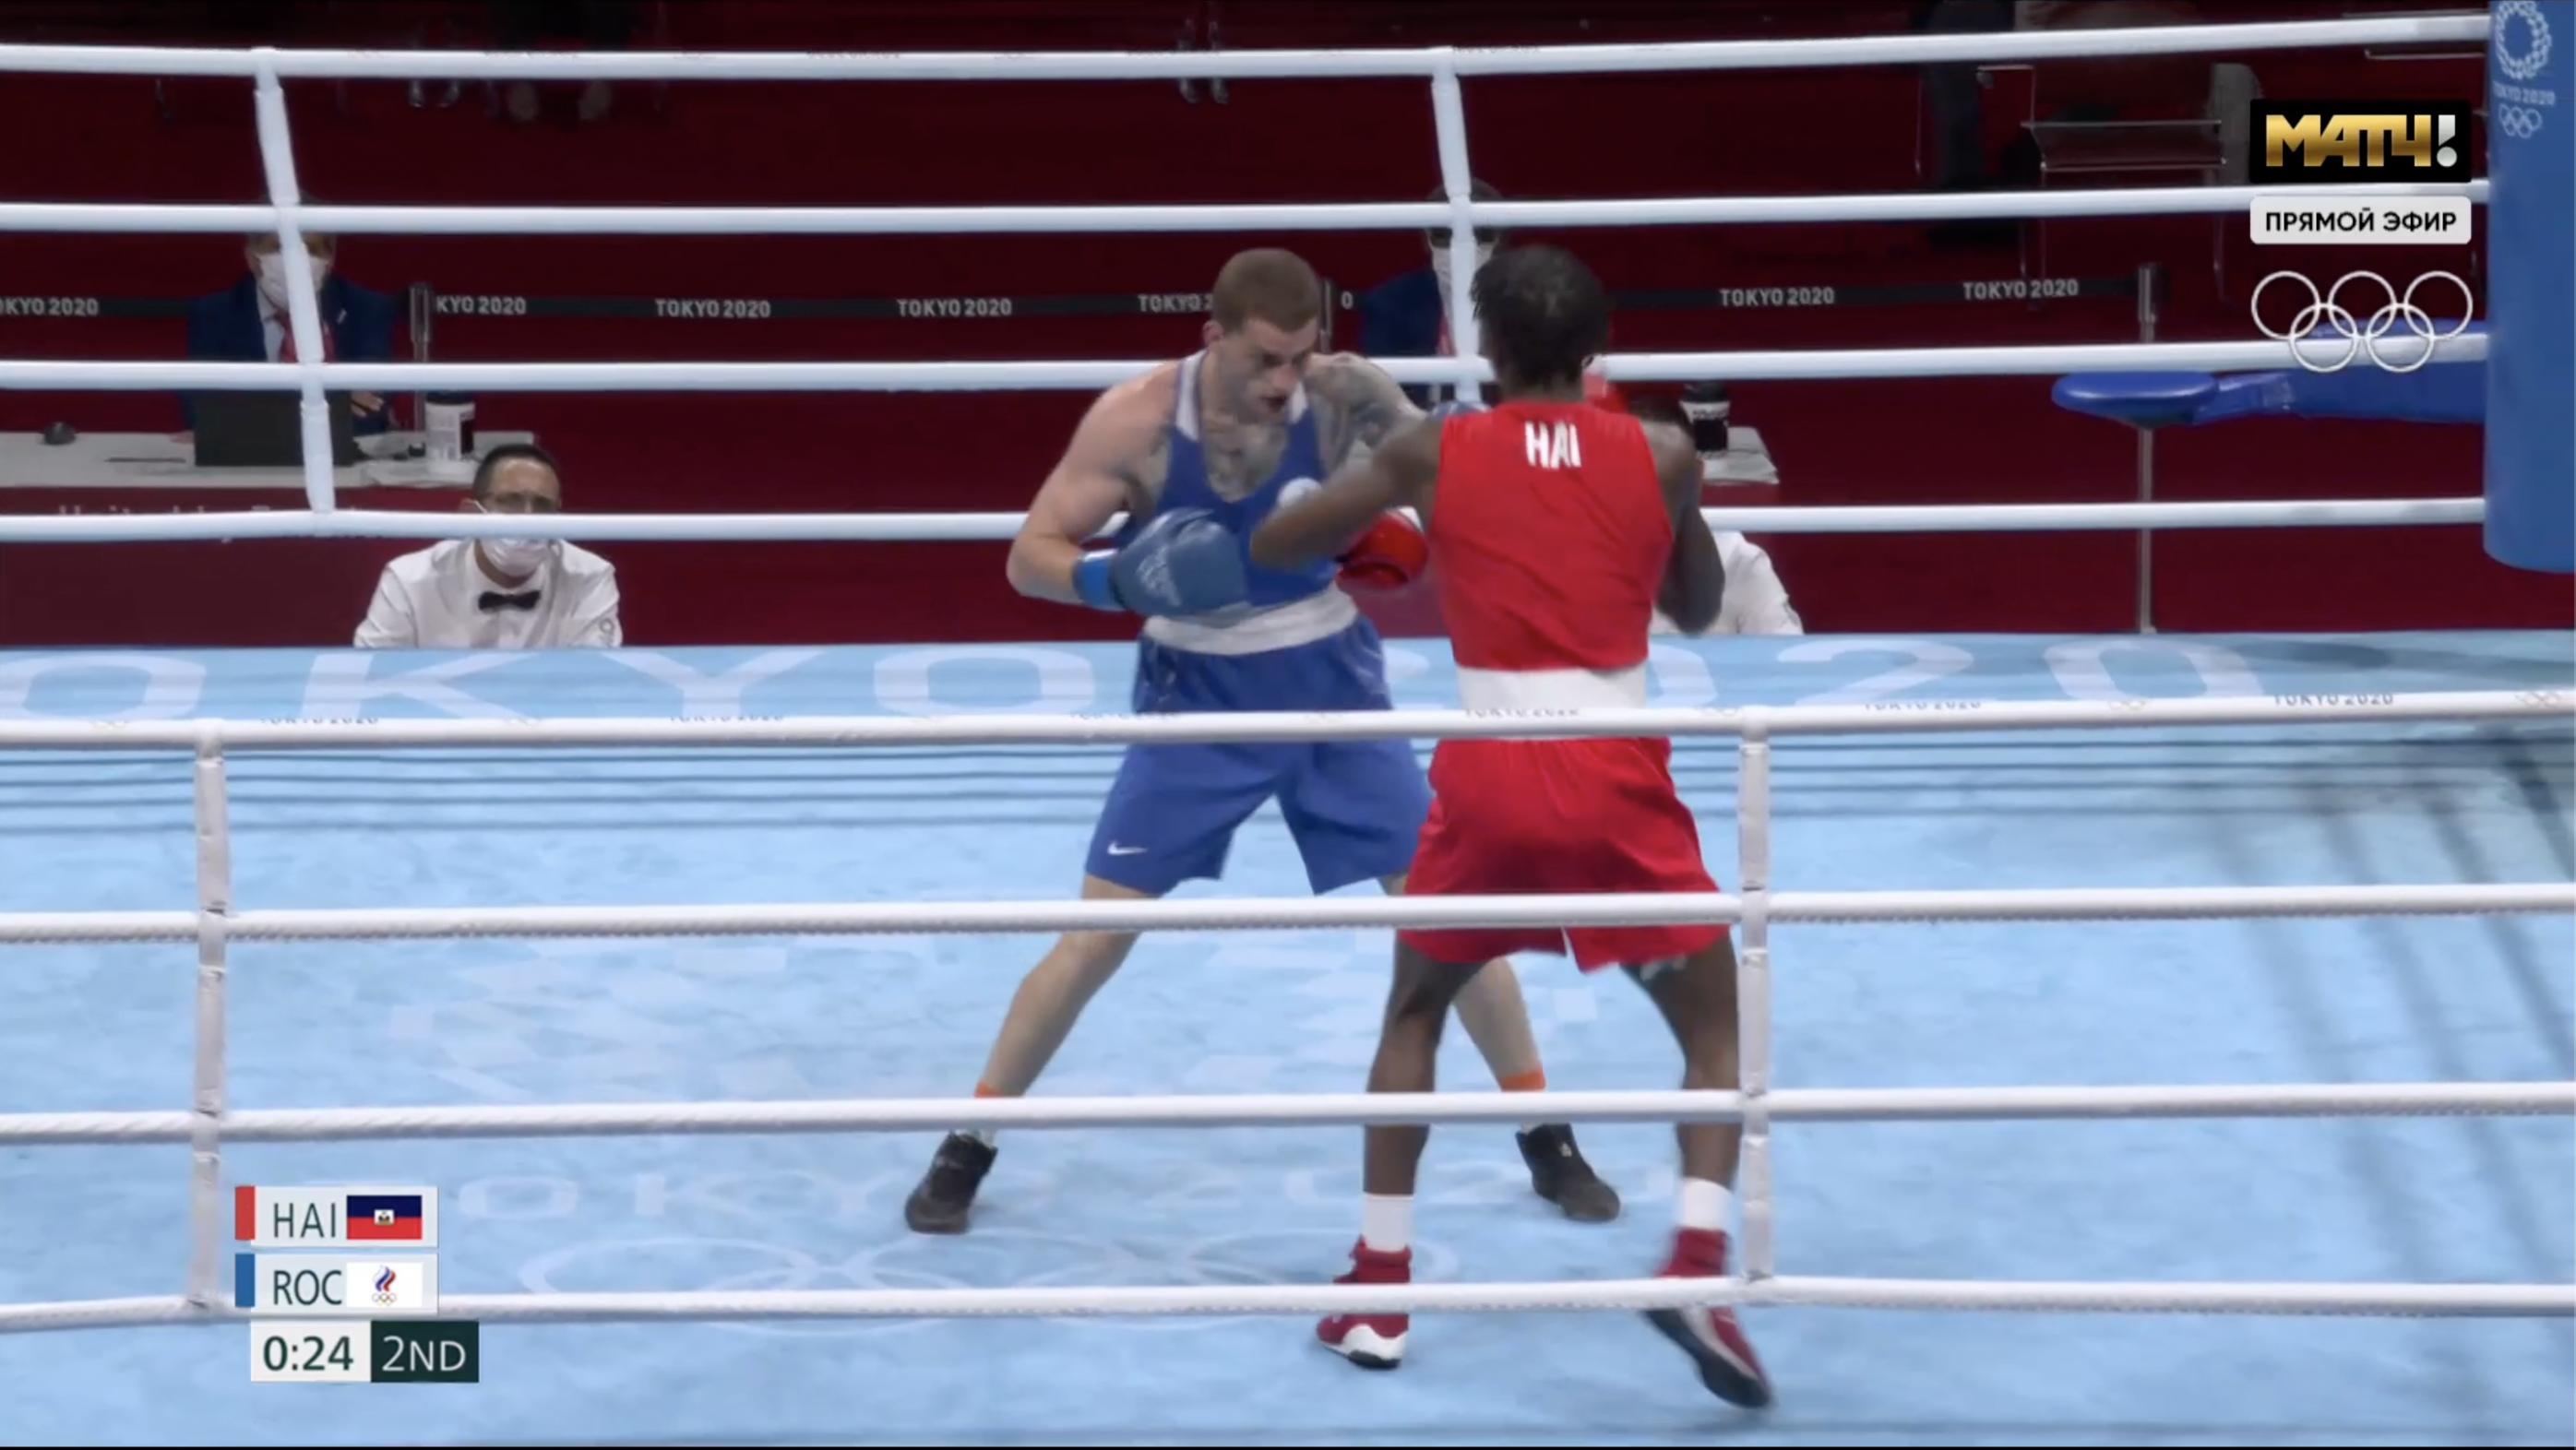 Крымский боксёр Бакши прошёл в полуфинал Олимпийских игр в Токио